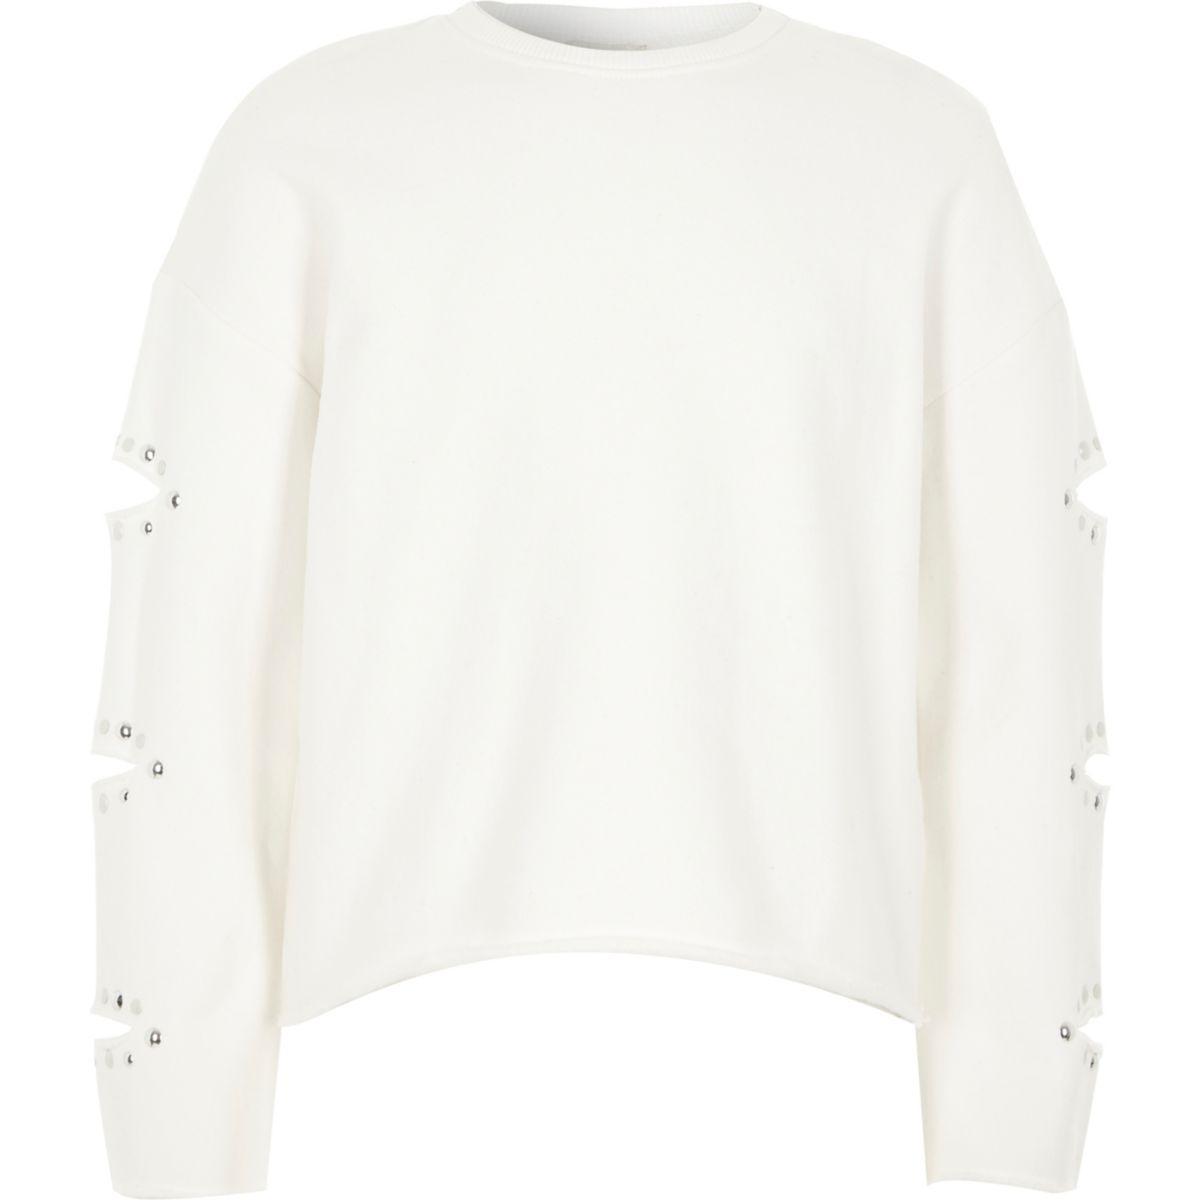 Weißes Sweatshirt mit geschlitztem Ärmel